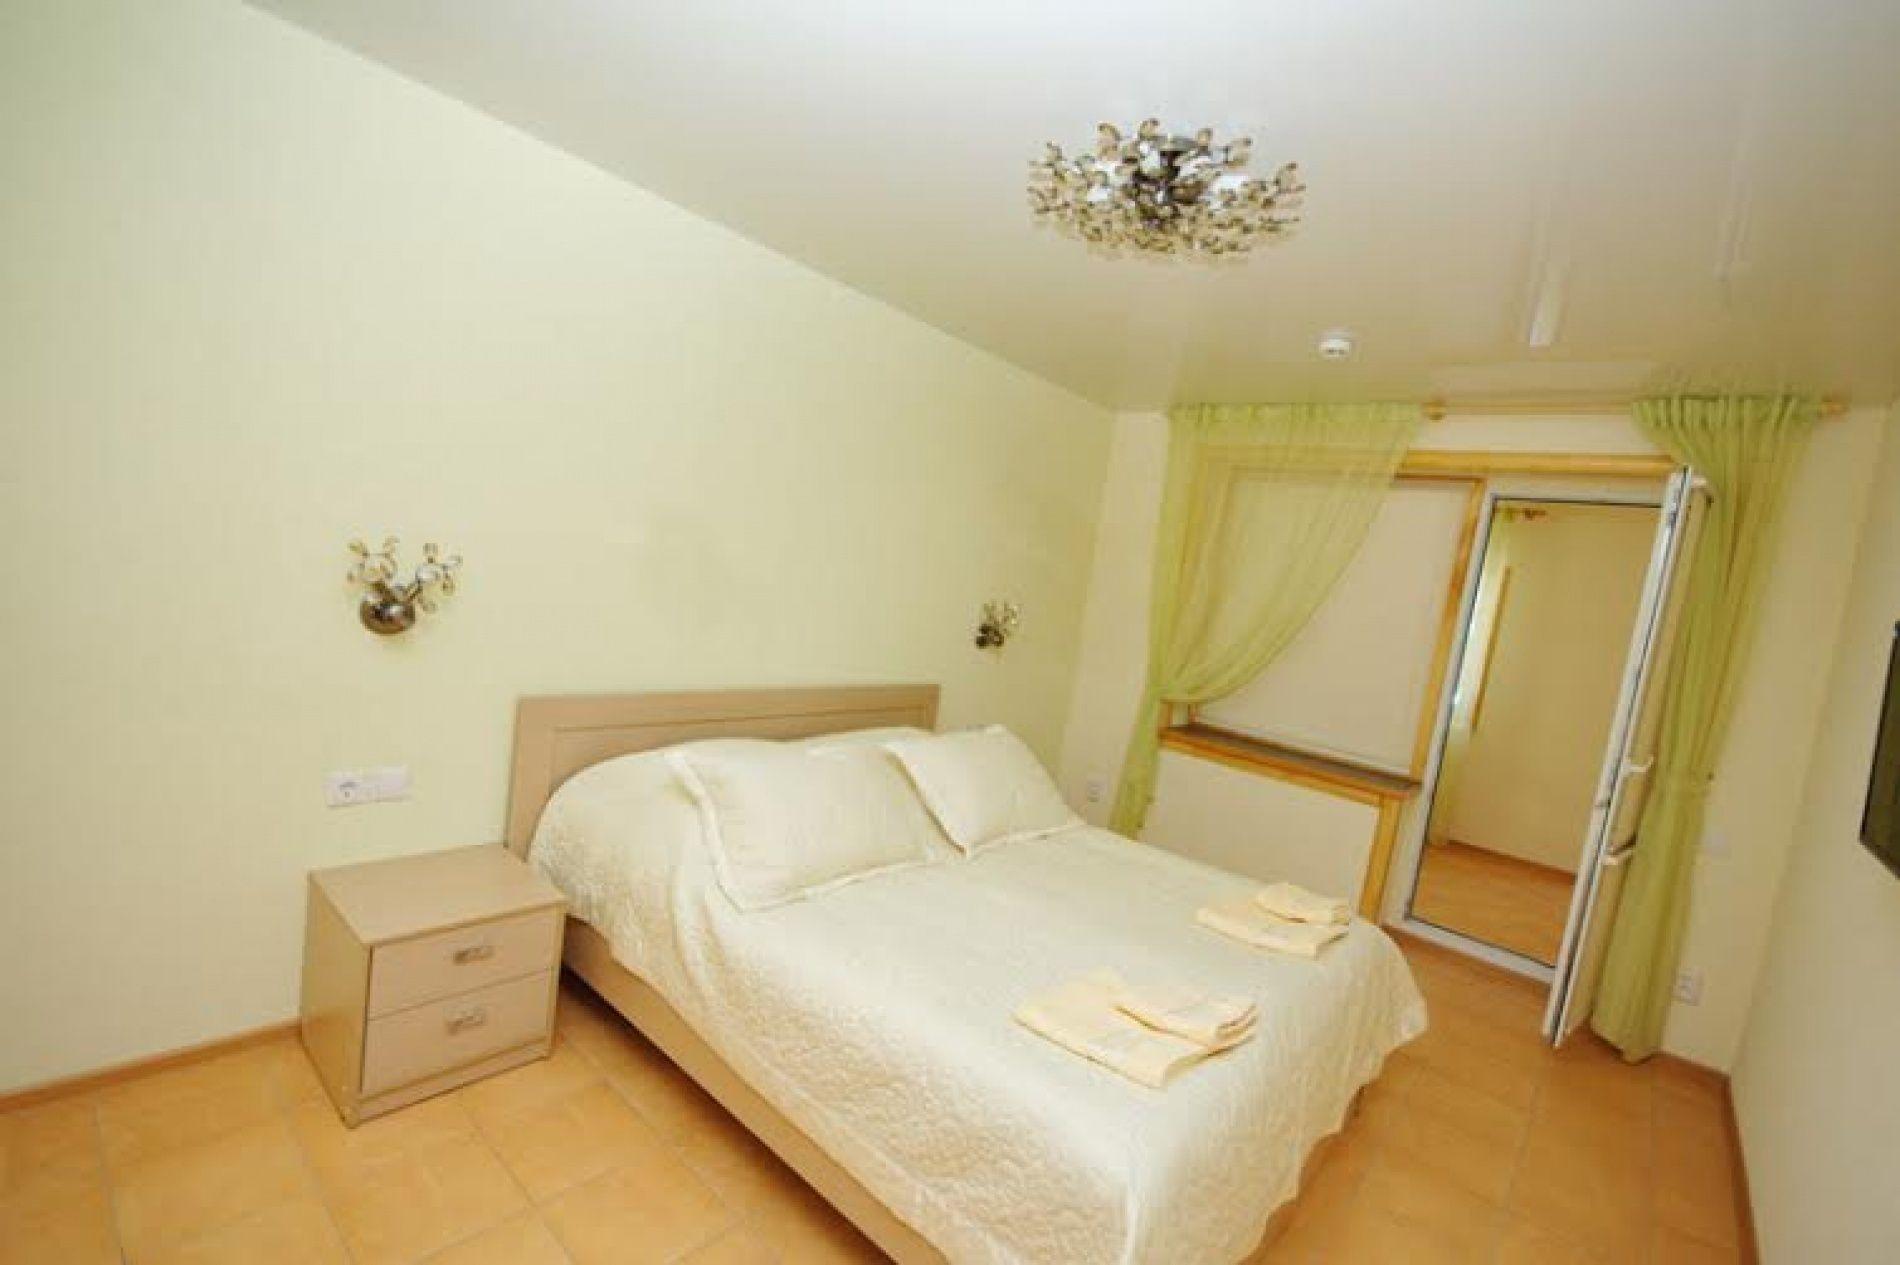 База отдыха «Уютная» Ульяновская область 4-х местный VIP номер, фото 3